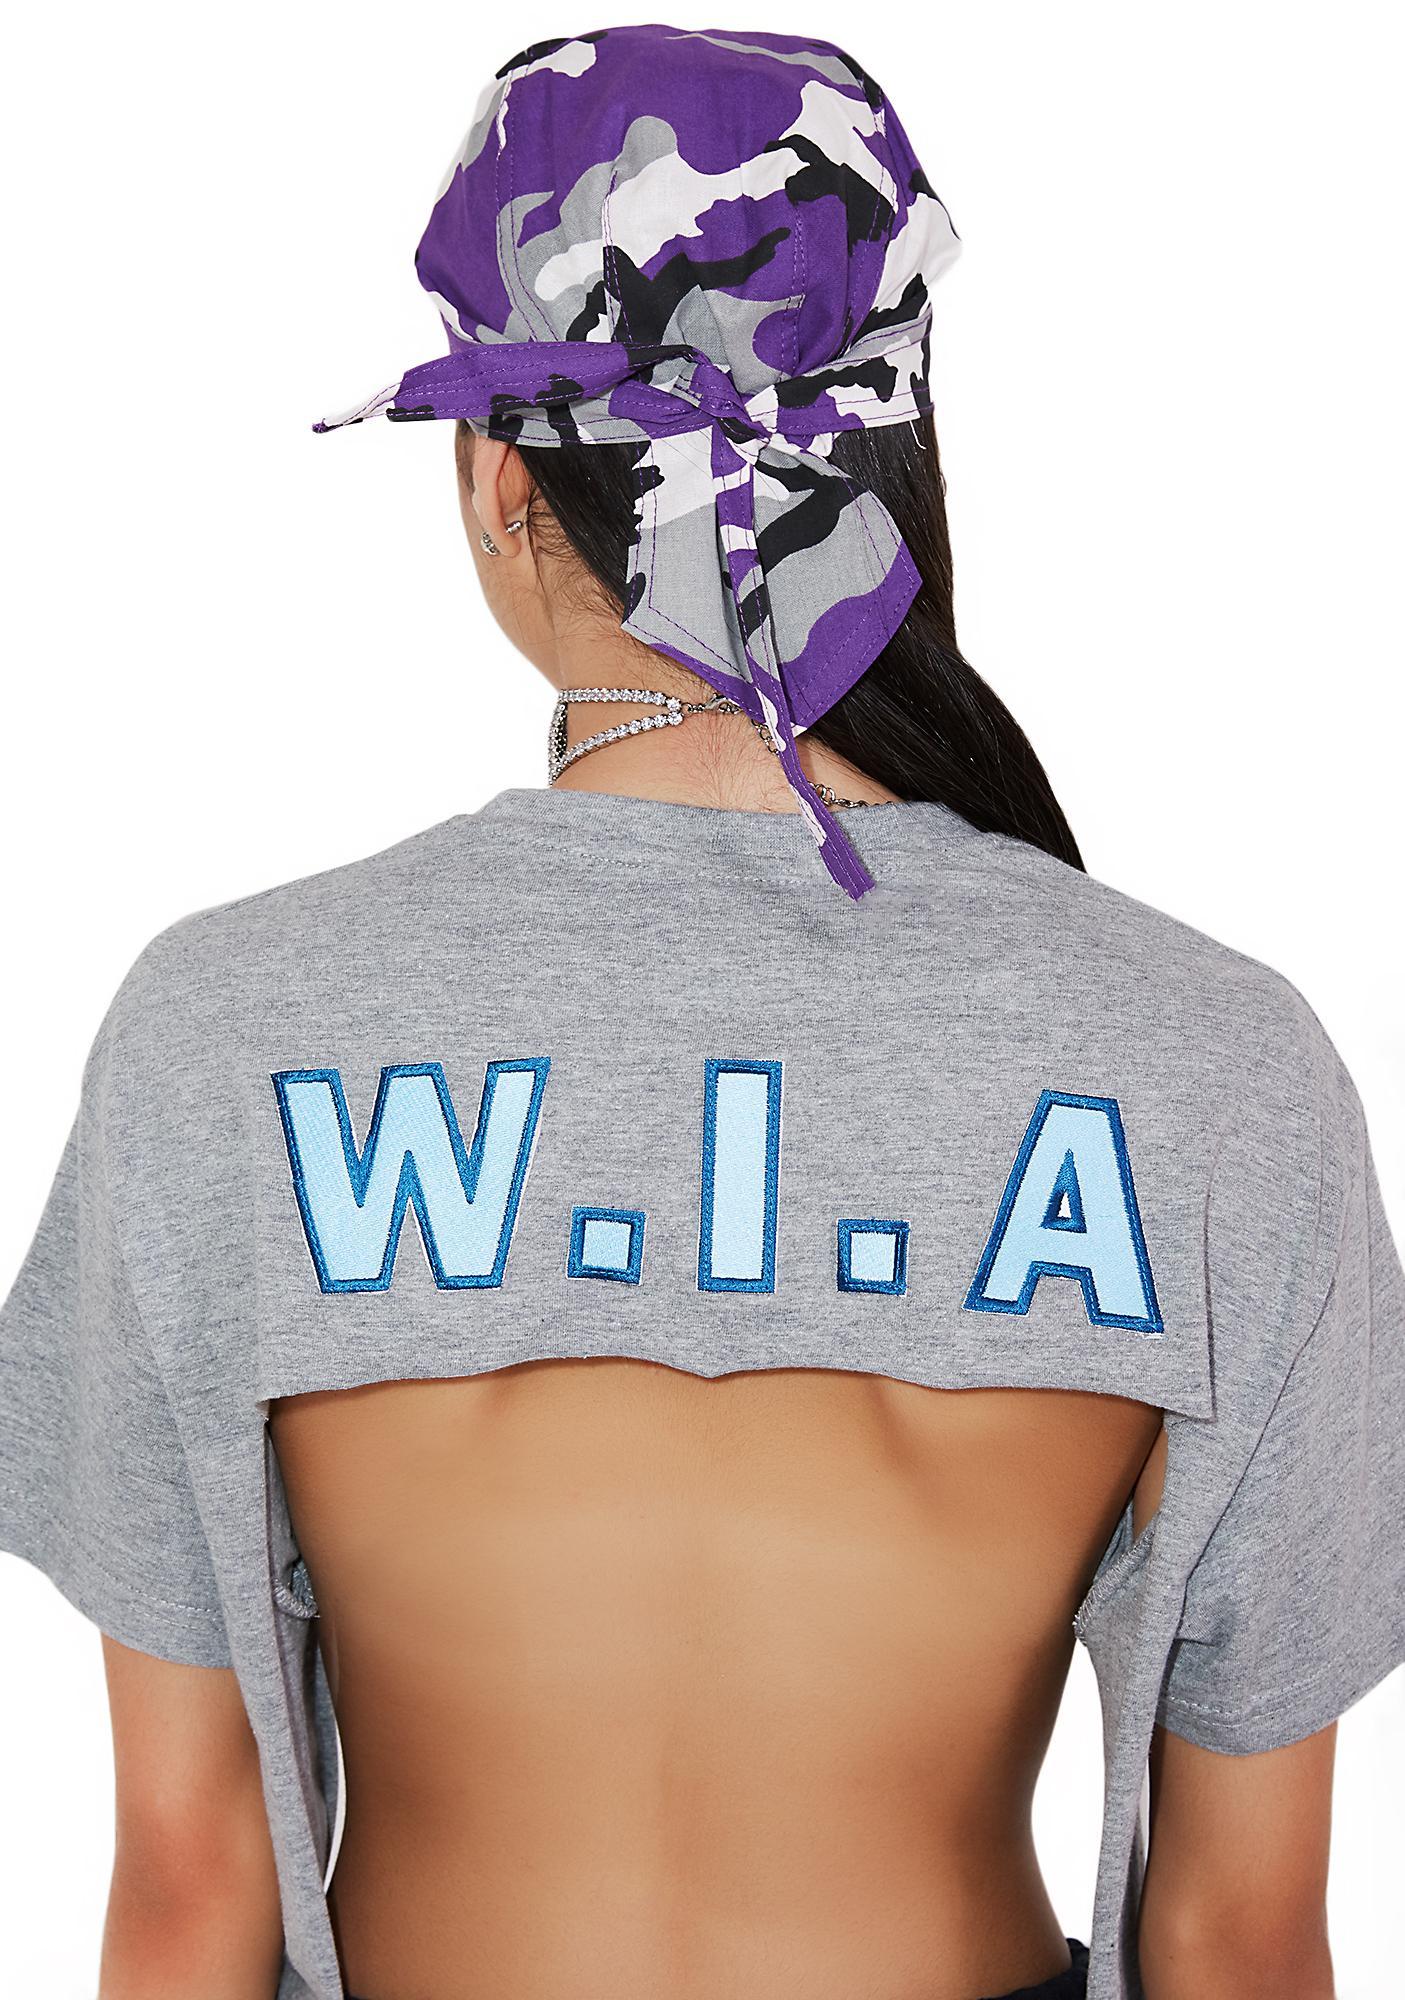 W.I.A Hole Tee